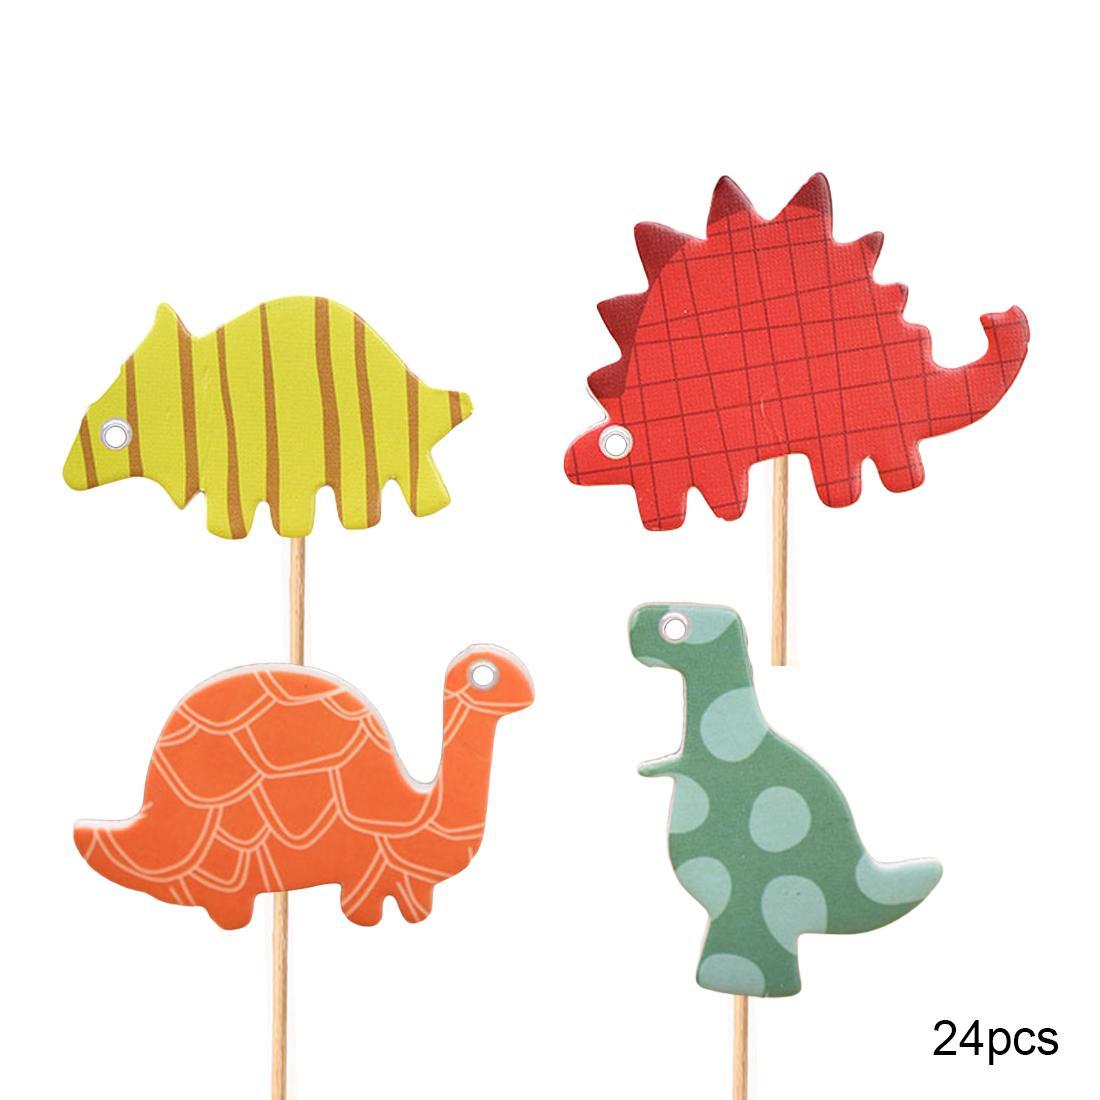 Il la cosa migliore / set decorazione della torta del bigné del dinosauro la decorazione di acquazzone del bambino scherza la decorazione del partito di cottura del partito della torta di compleanno dei capretti